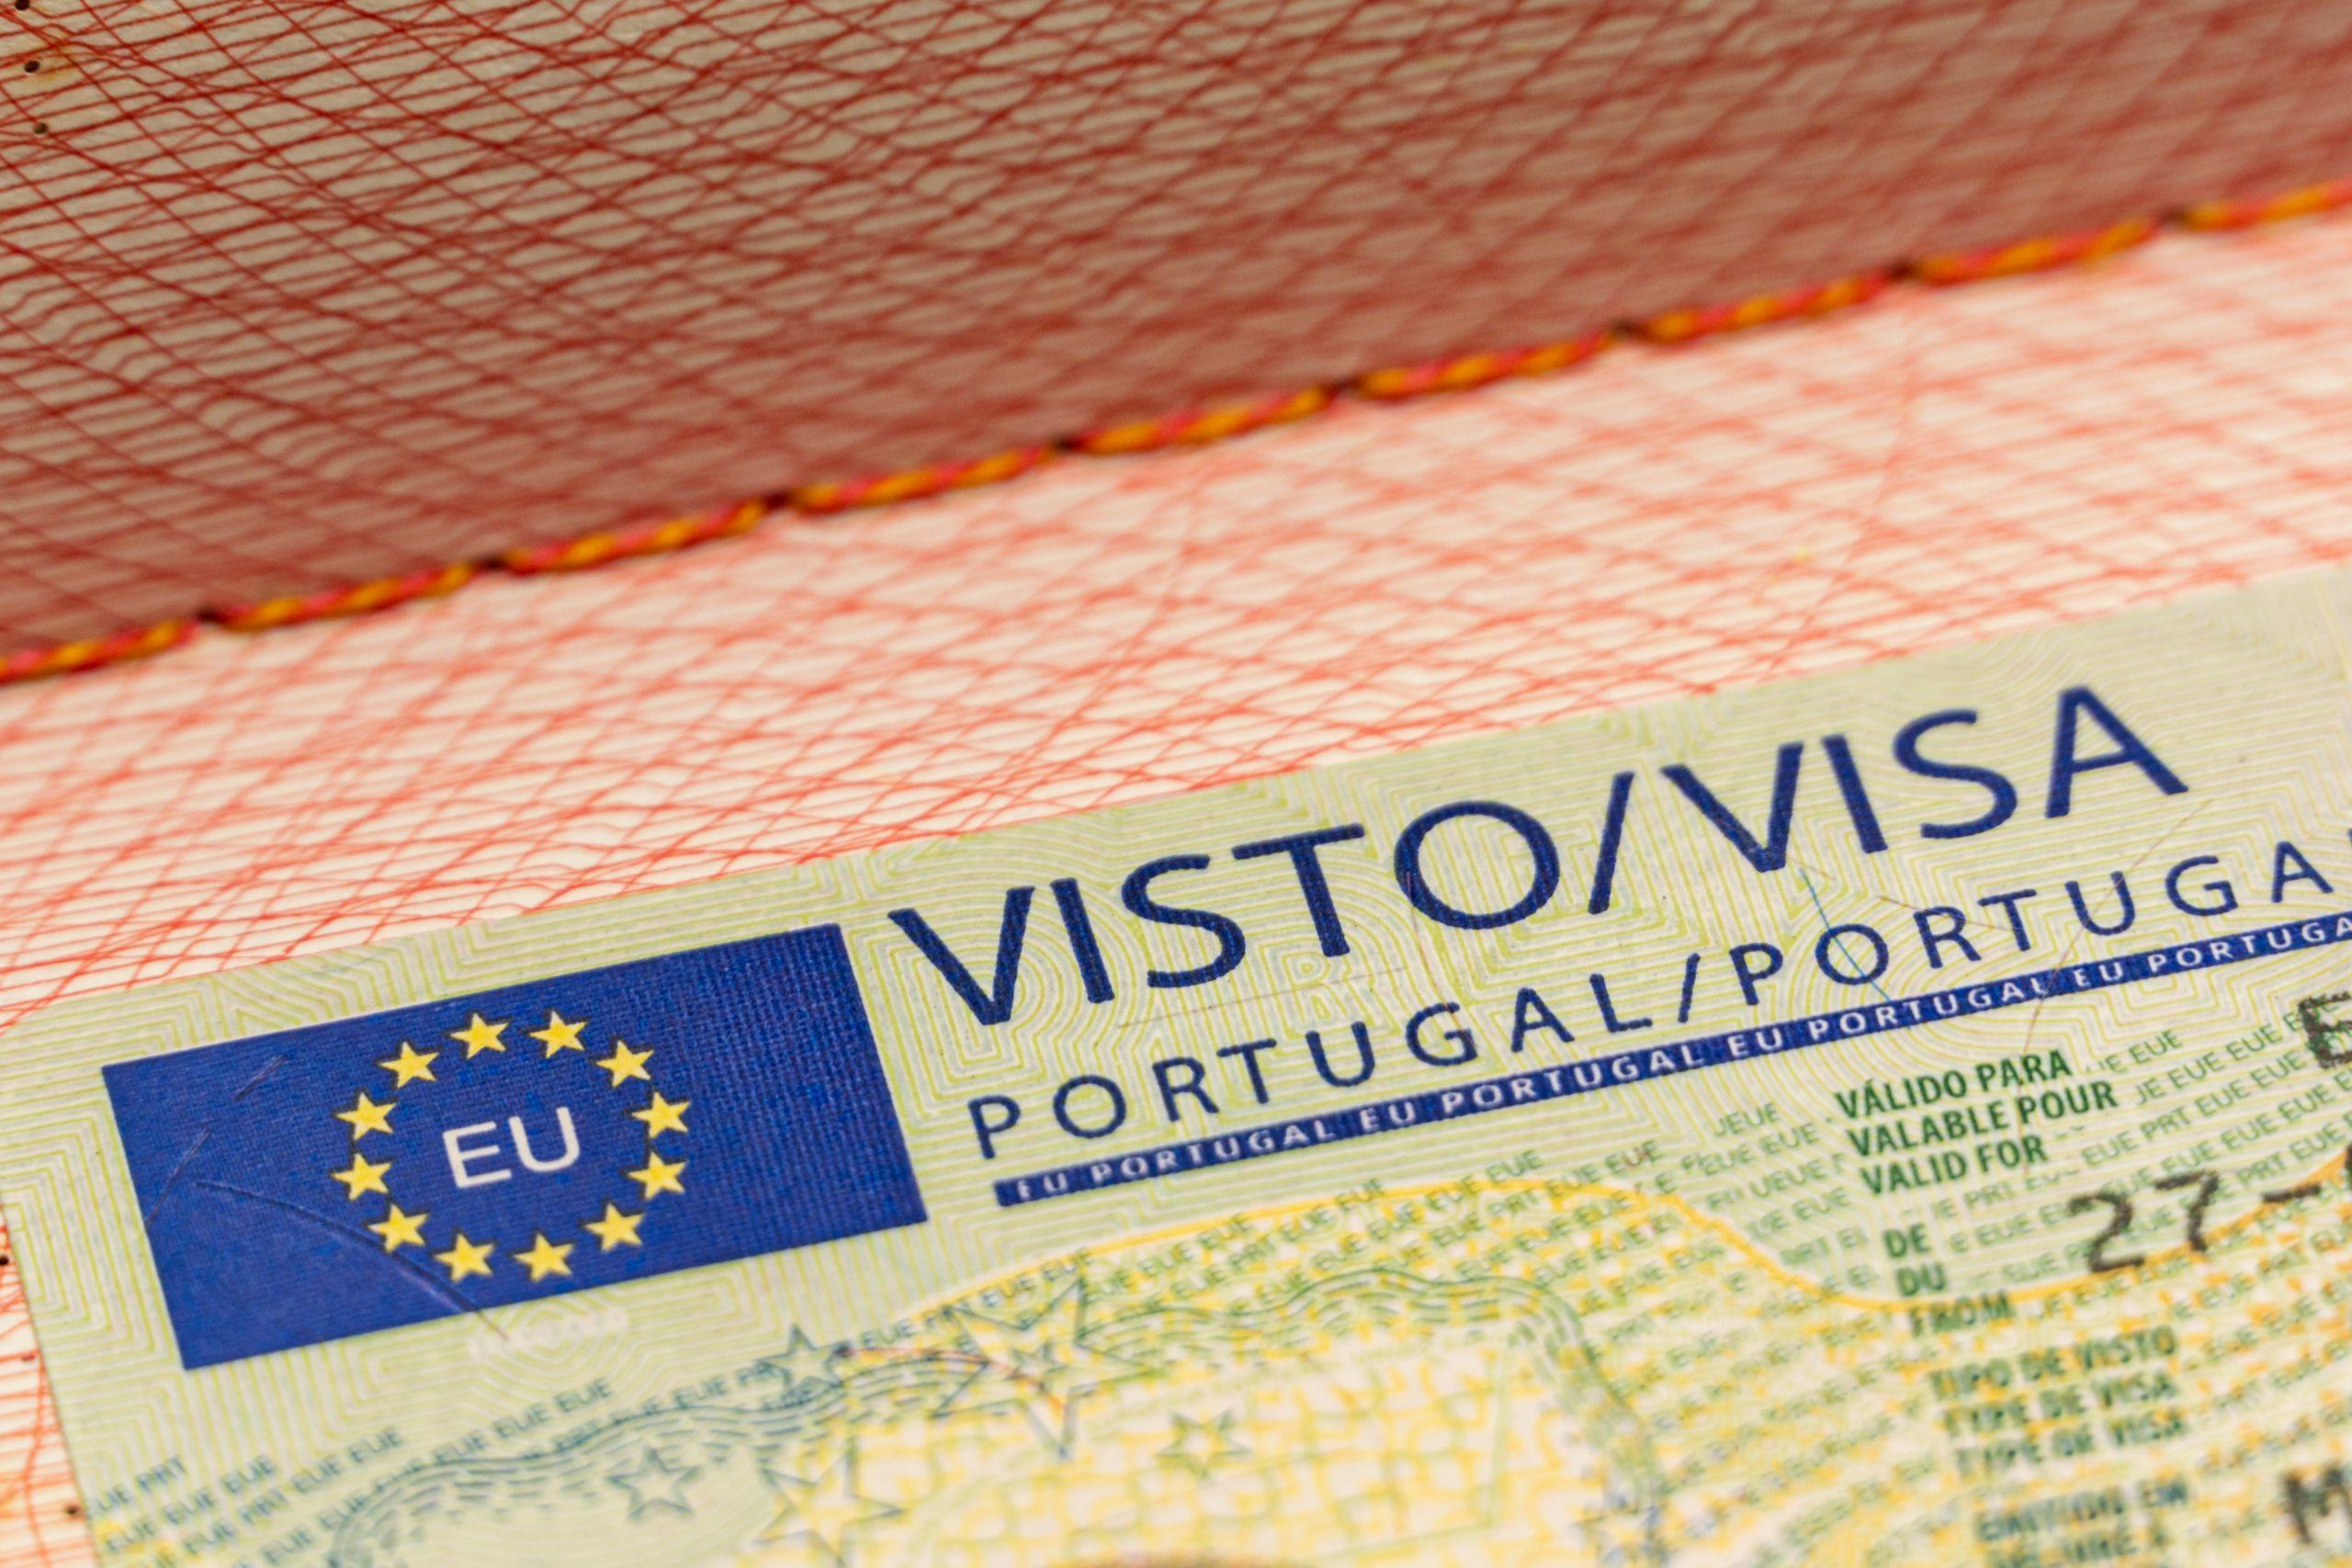 Portugal Schengen visa interview